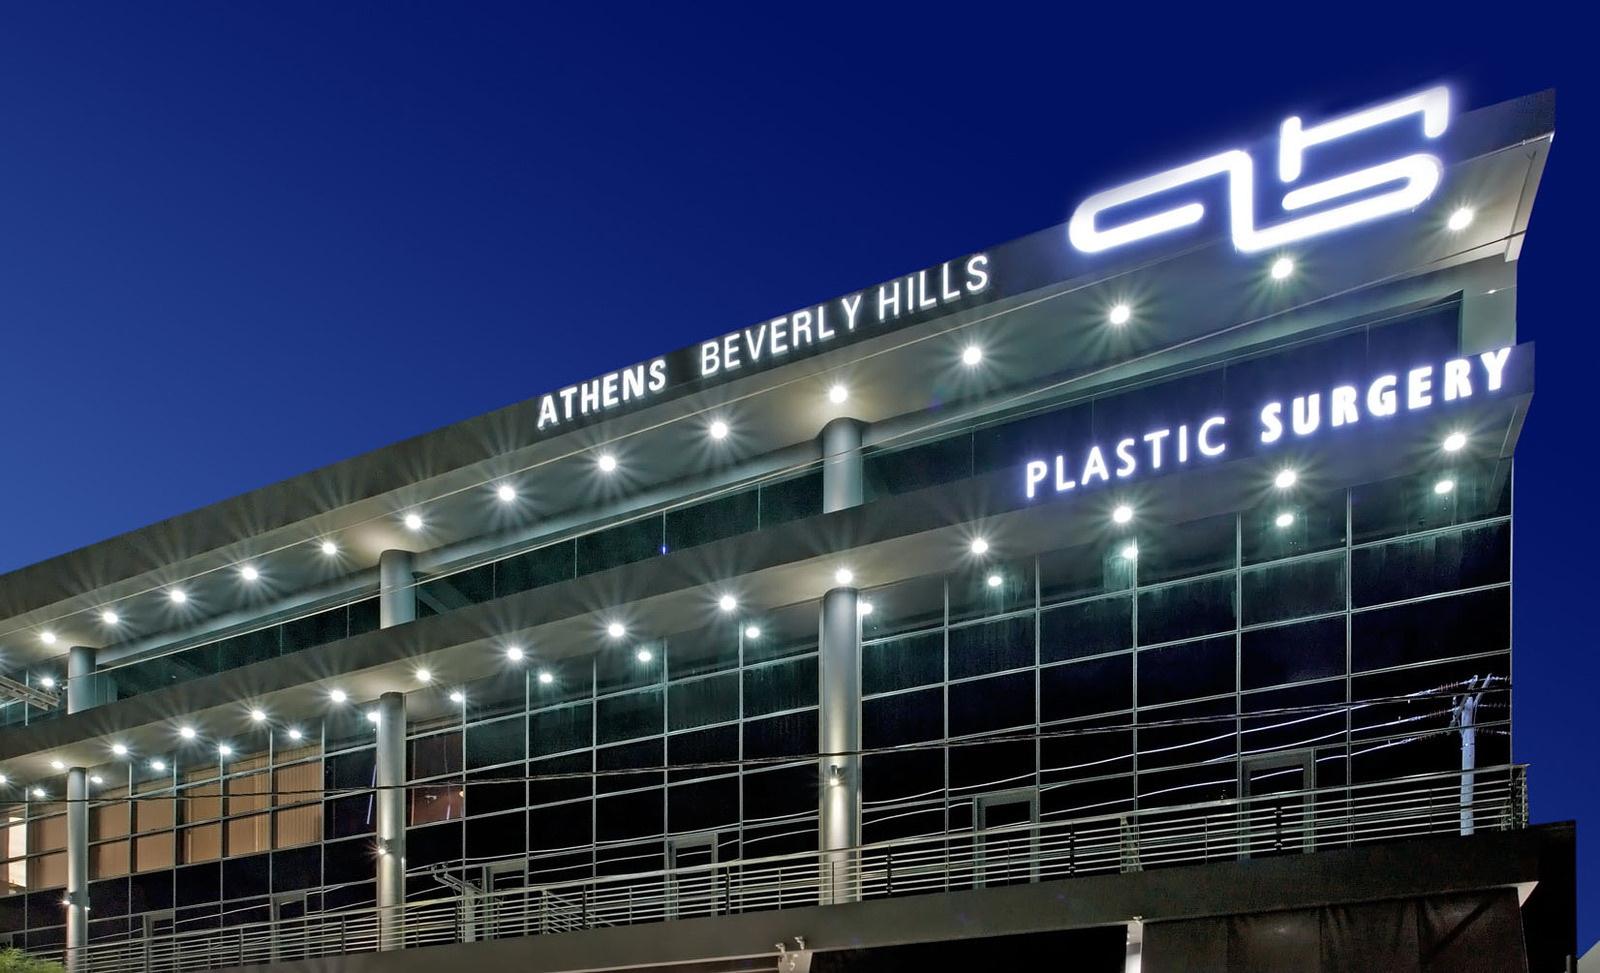 Κλιματισμός SET FREE Athens Beverly Hills - ALPHA CLIMA ΣΩΤΗΡΗΣ ...